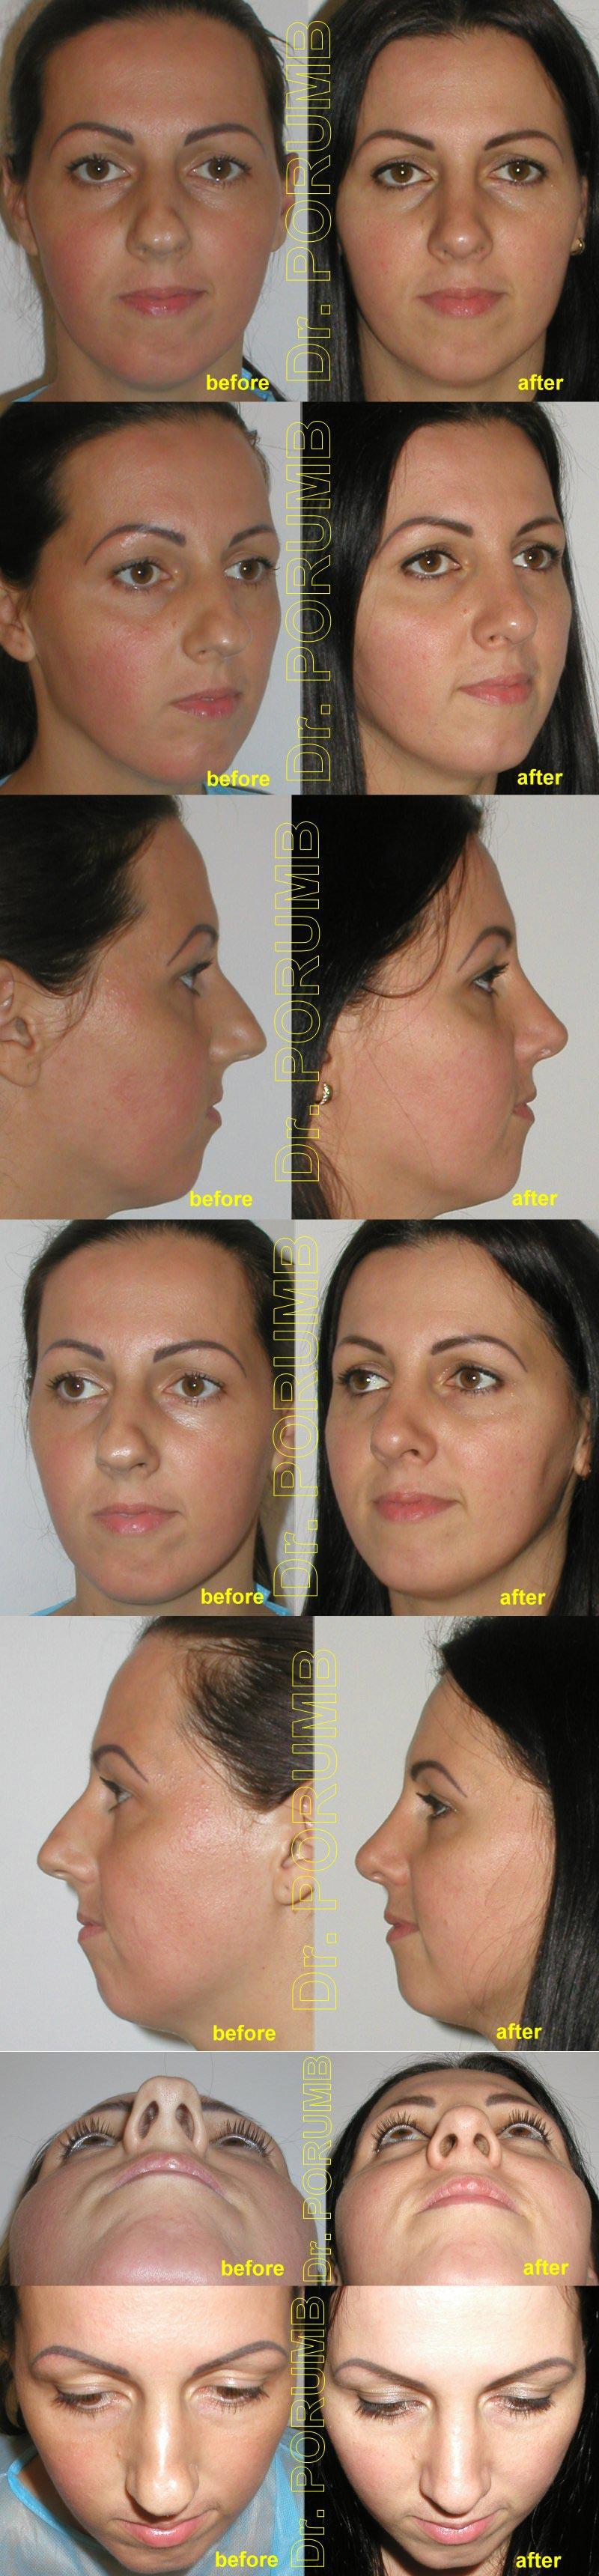 Pacienta de 34 ani, nemultumita de aspectul estetic al nasului, de marimea